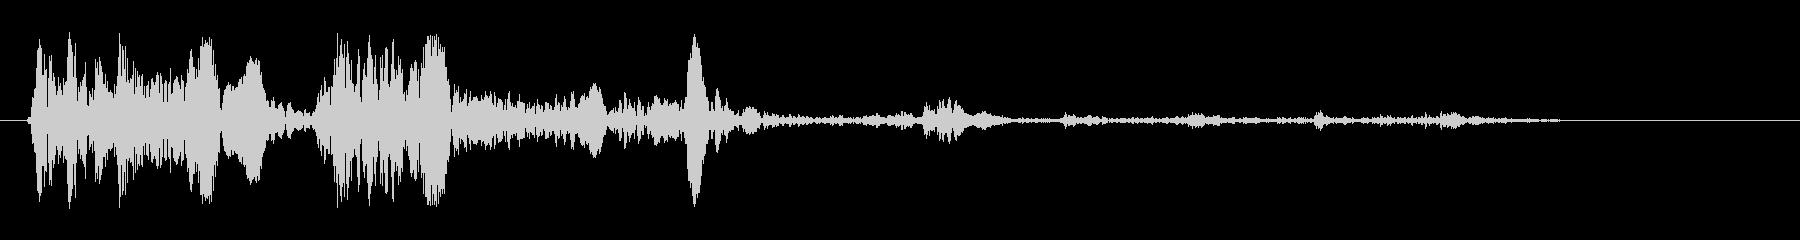 ビョビョ〜ン(水が跳ねたような効果音)の未再生の波形